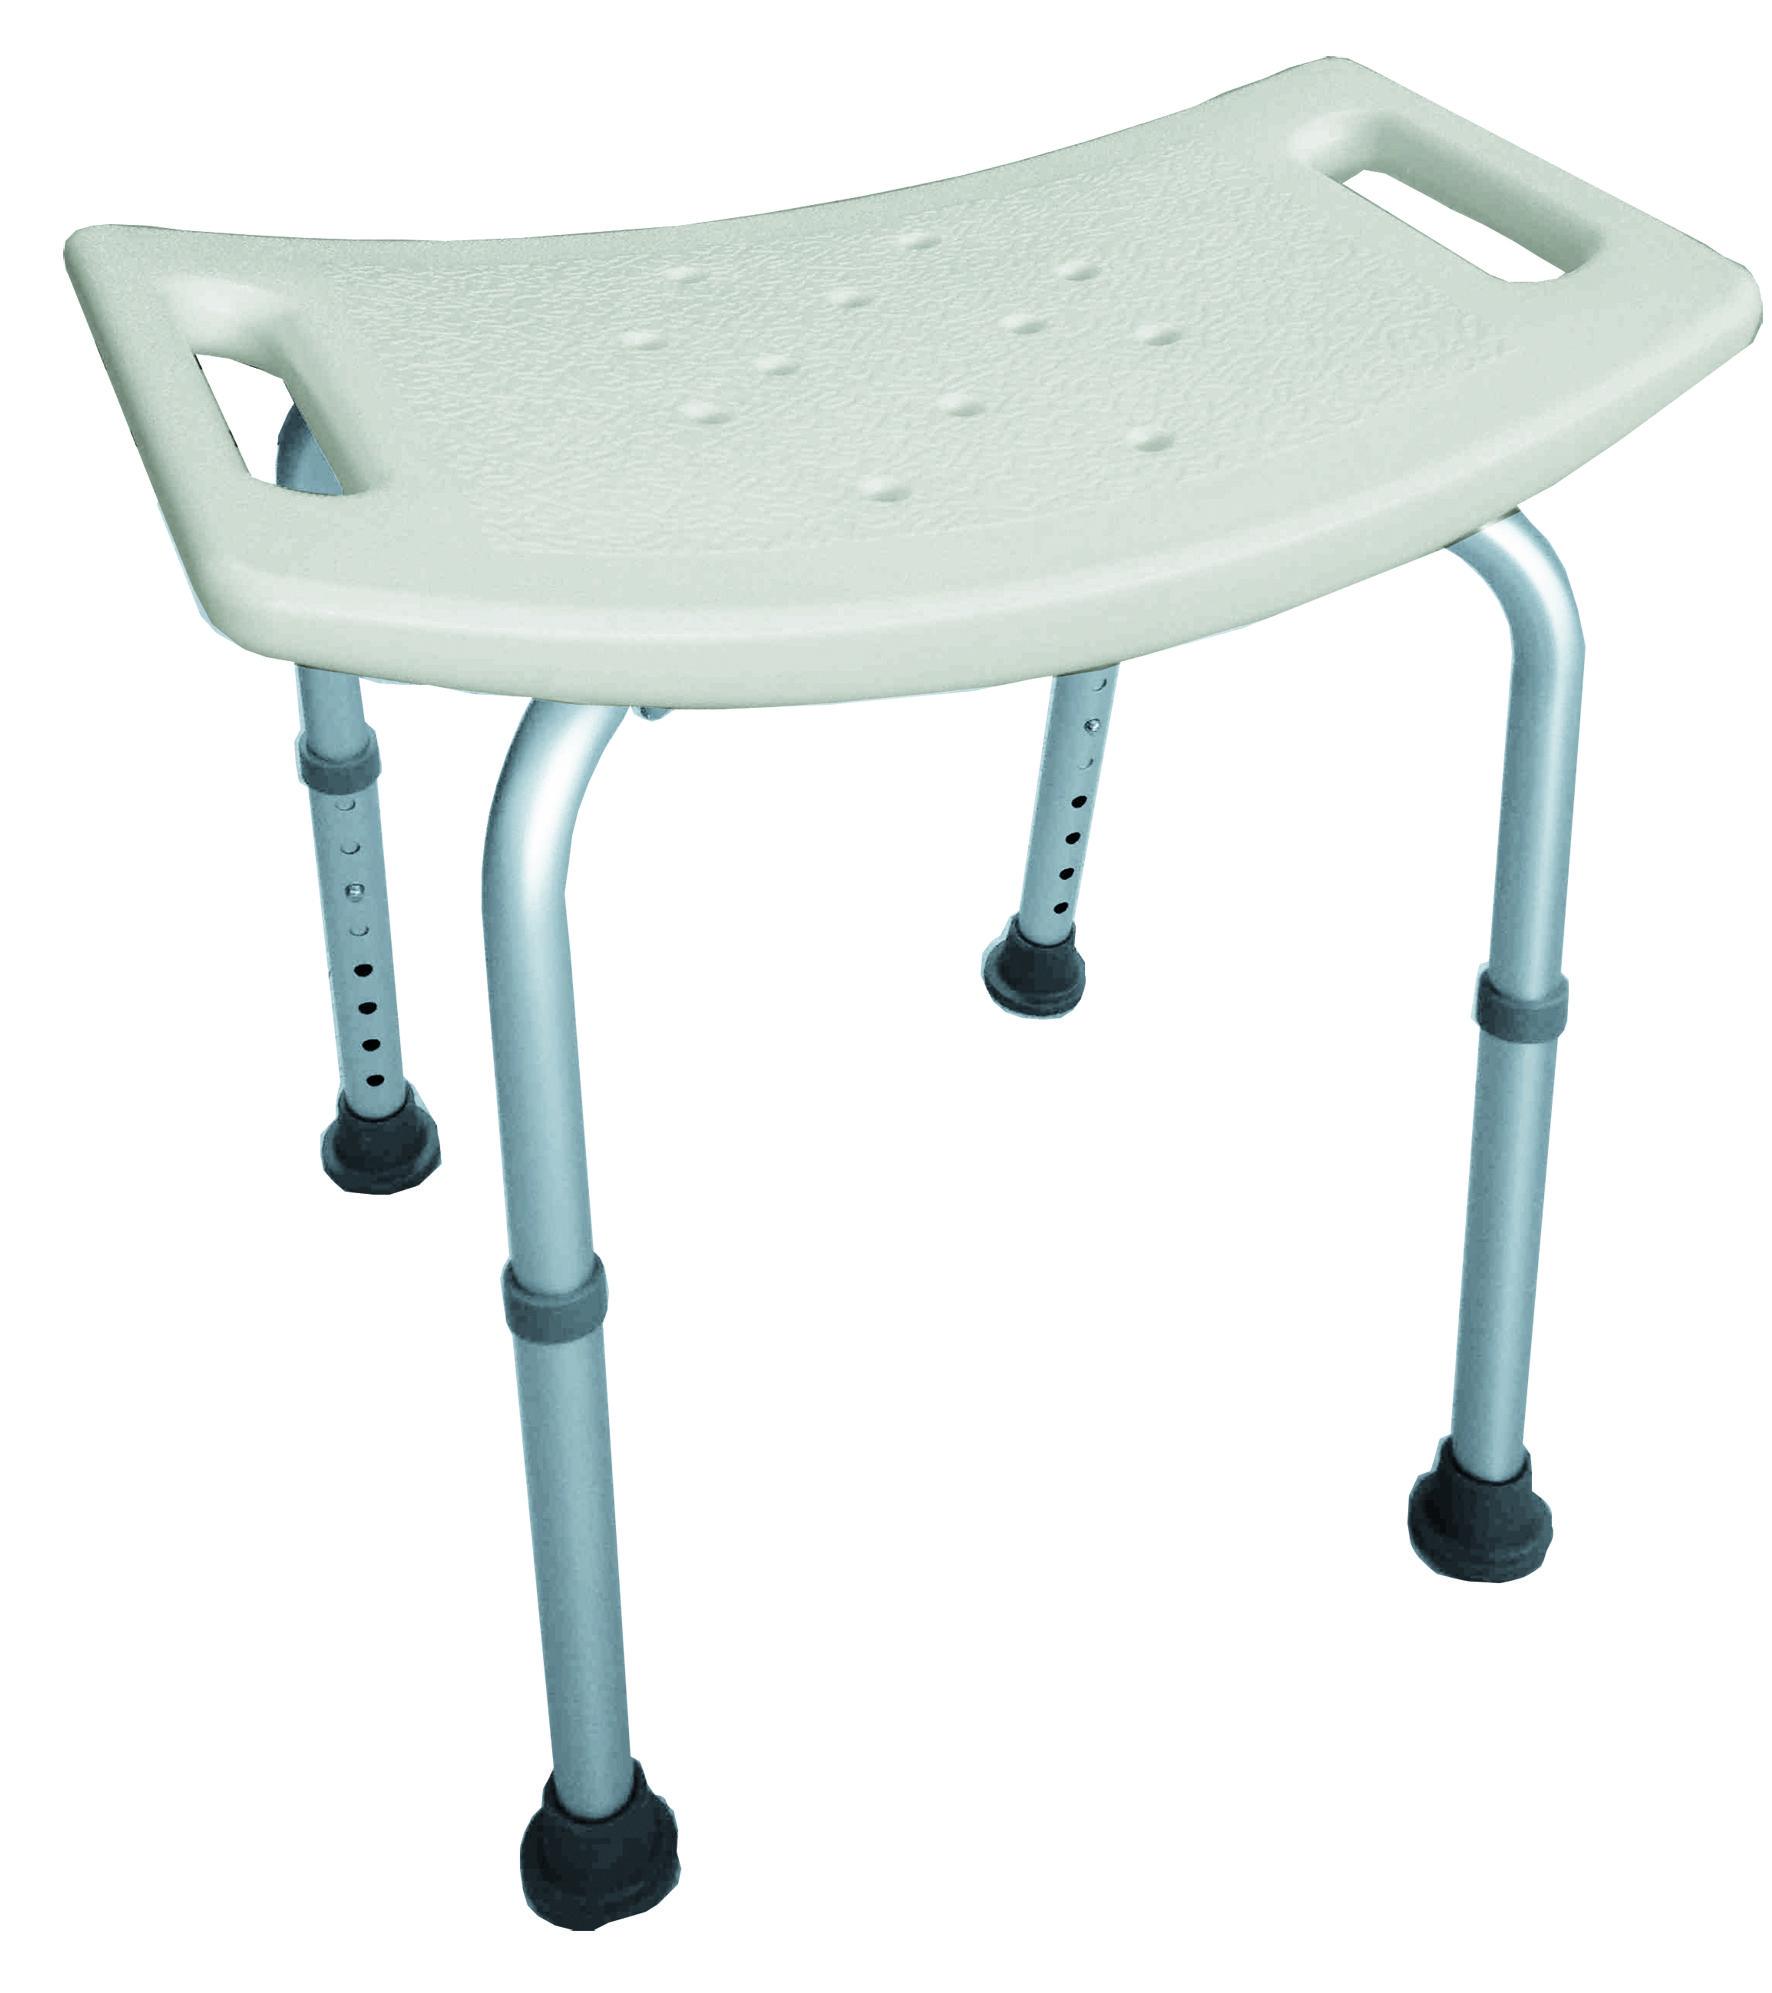 Taburete para el interior de la ducha - Fabricado en material plástico  antideslizante - Con patas extensibles de aluminio y tapones de goma  antideslizante ... c10e47f9751a